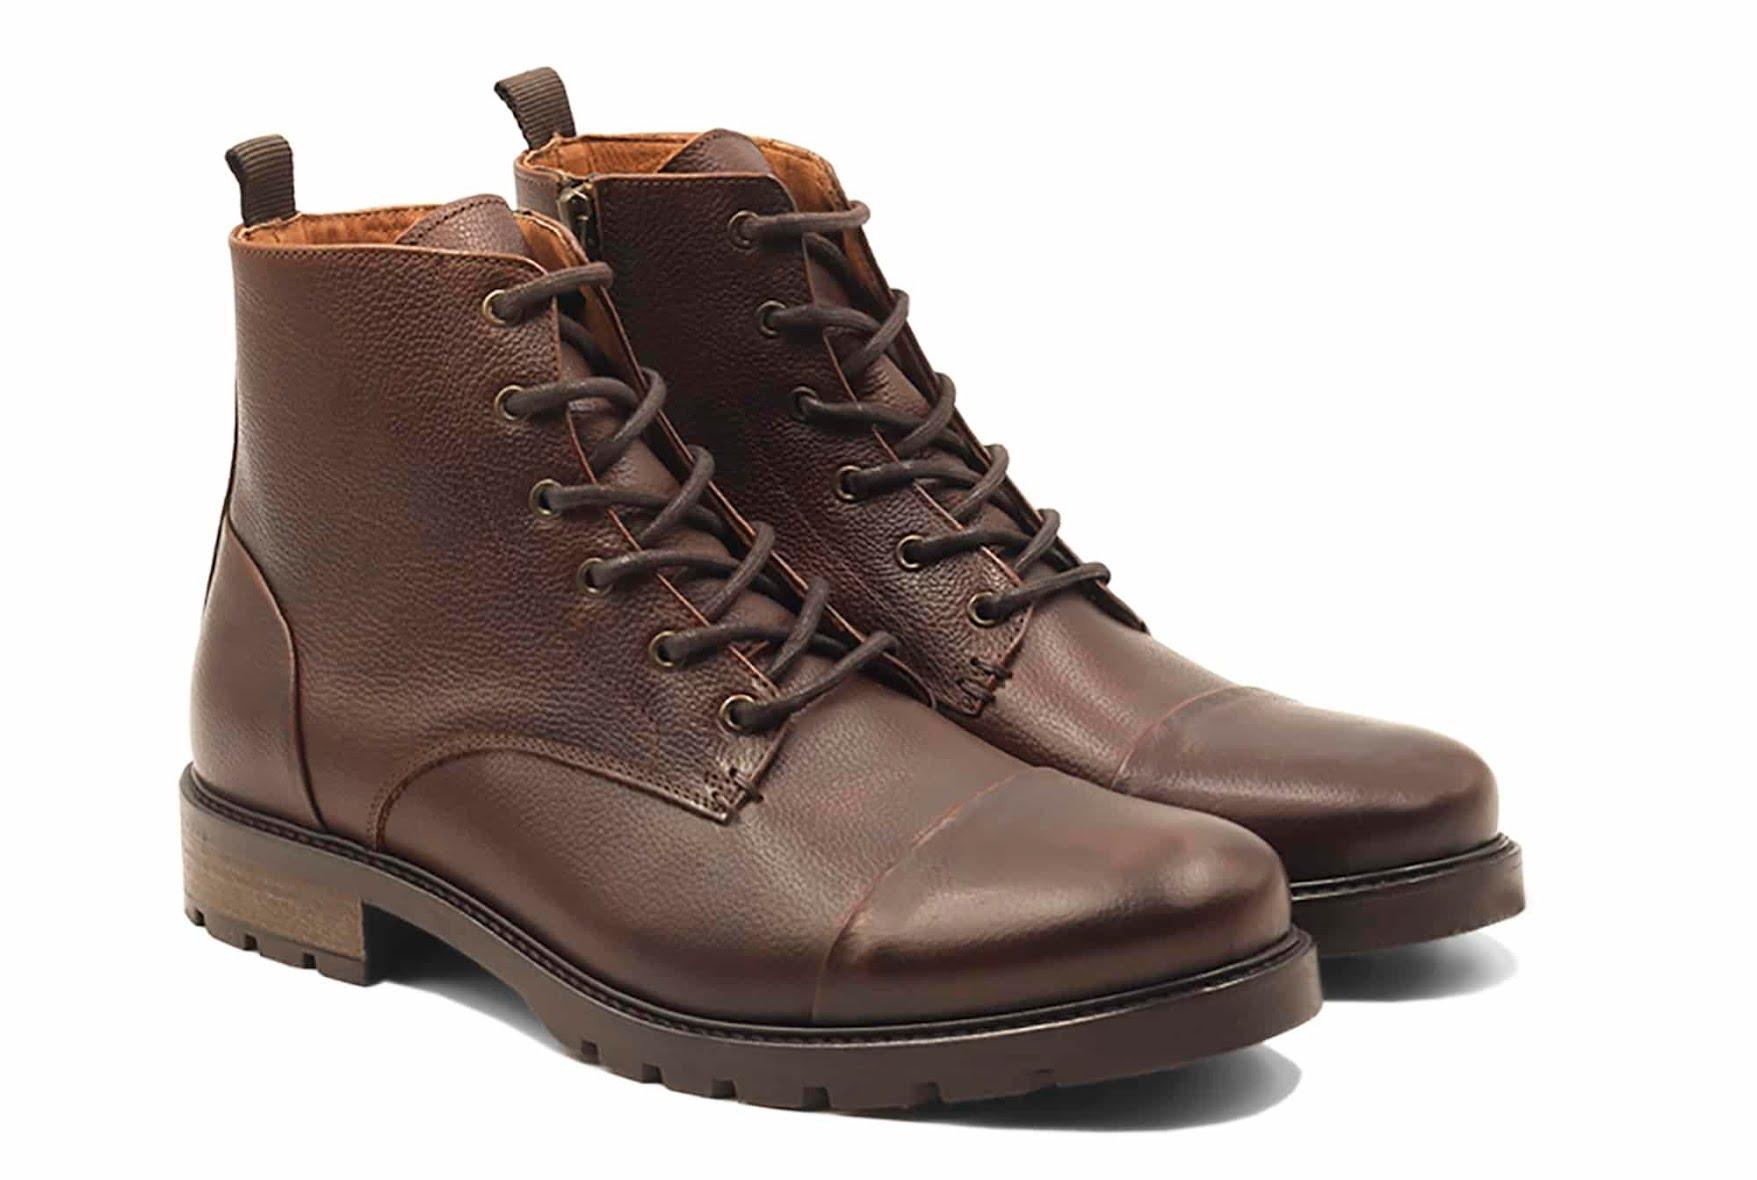 Cadeau de Saint-Valentin pour homme - Chaussures Jules & Jenn